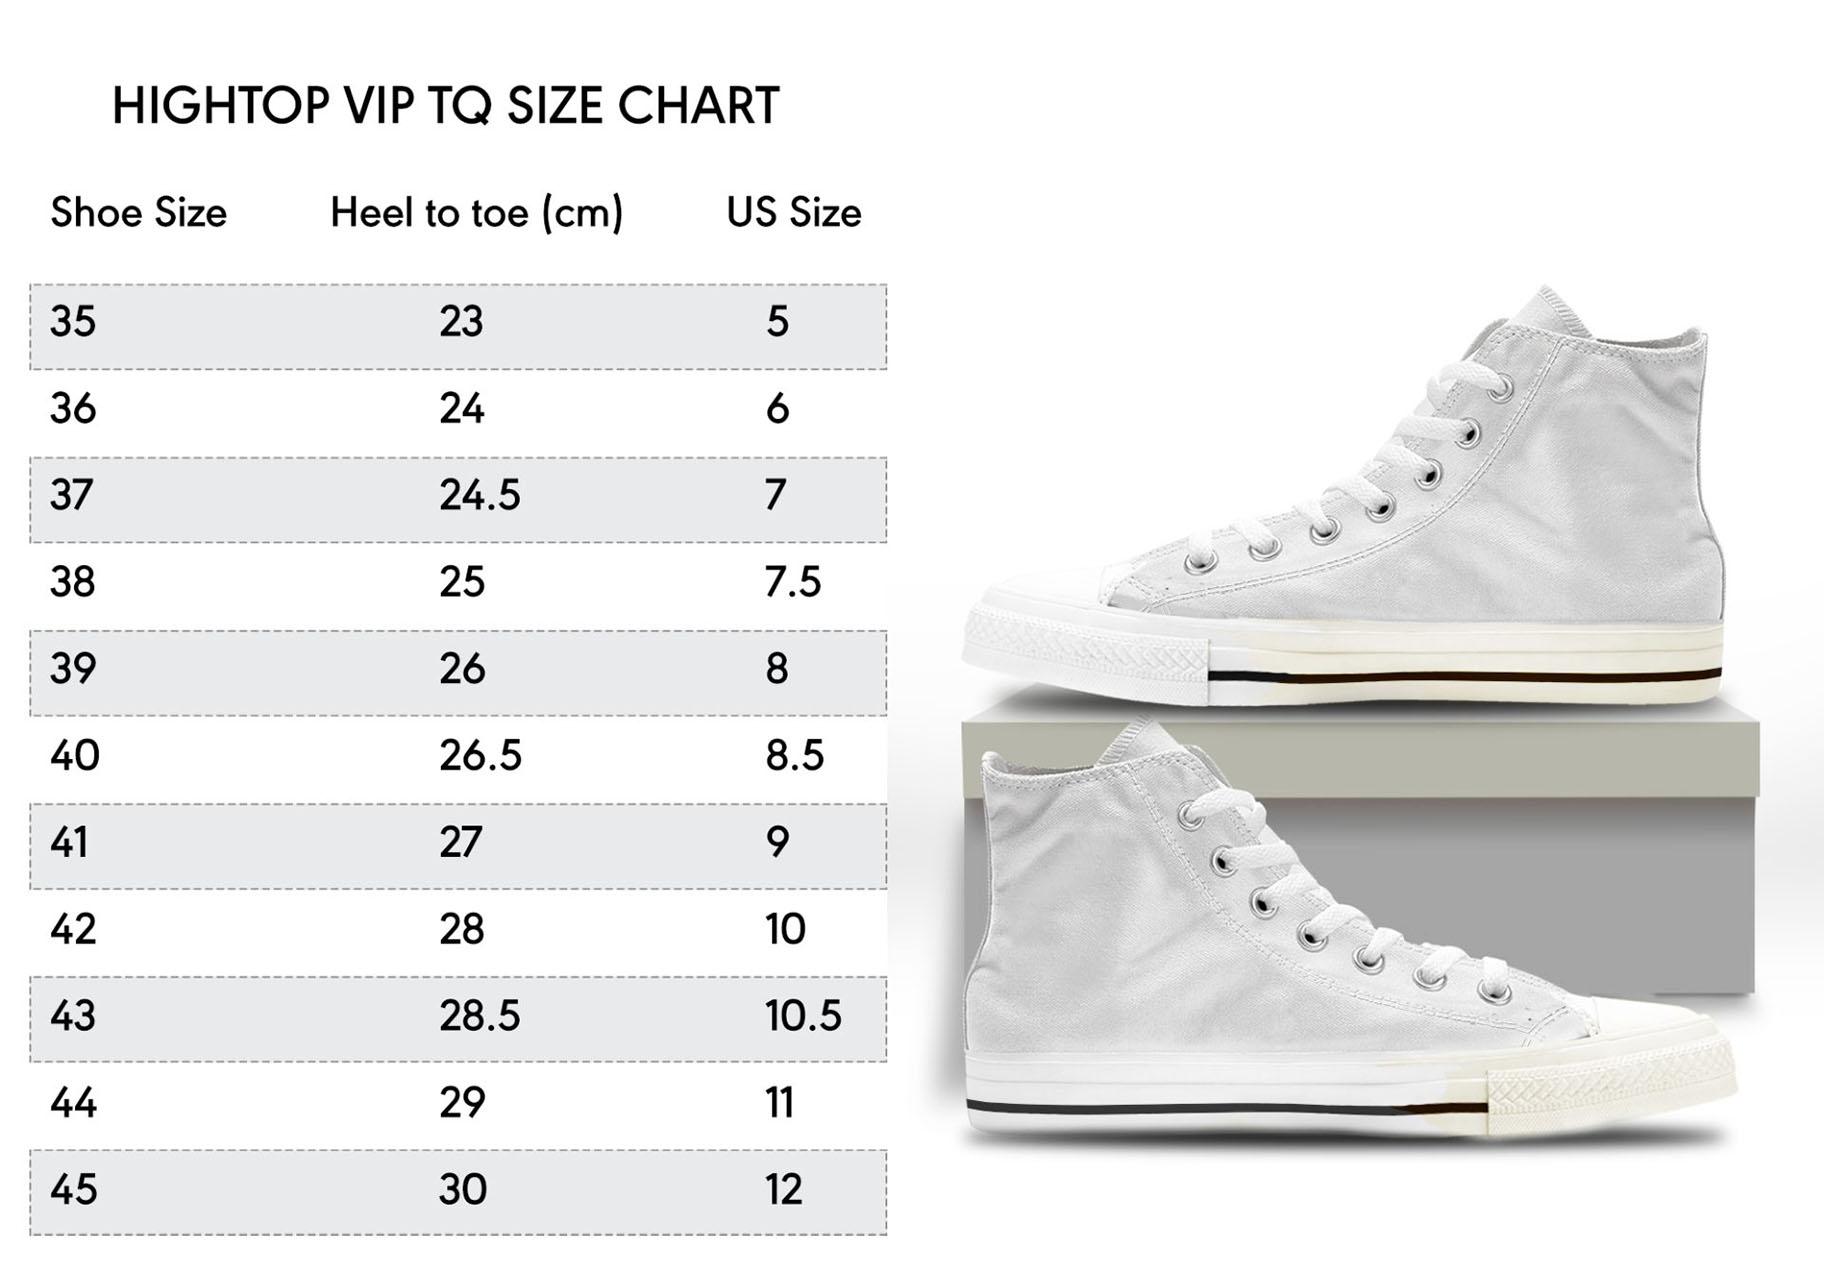 Hightop vip size chart 011 - Haikyuu Merch Store